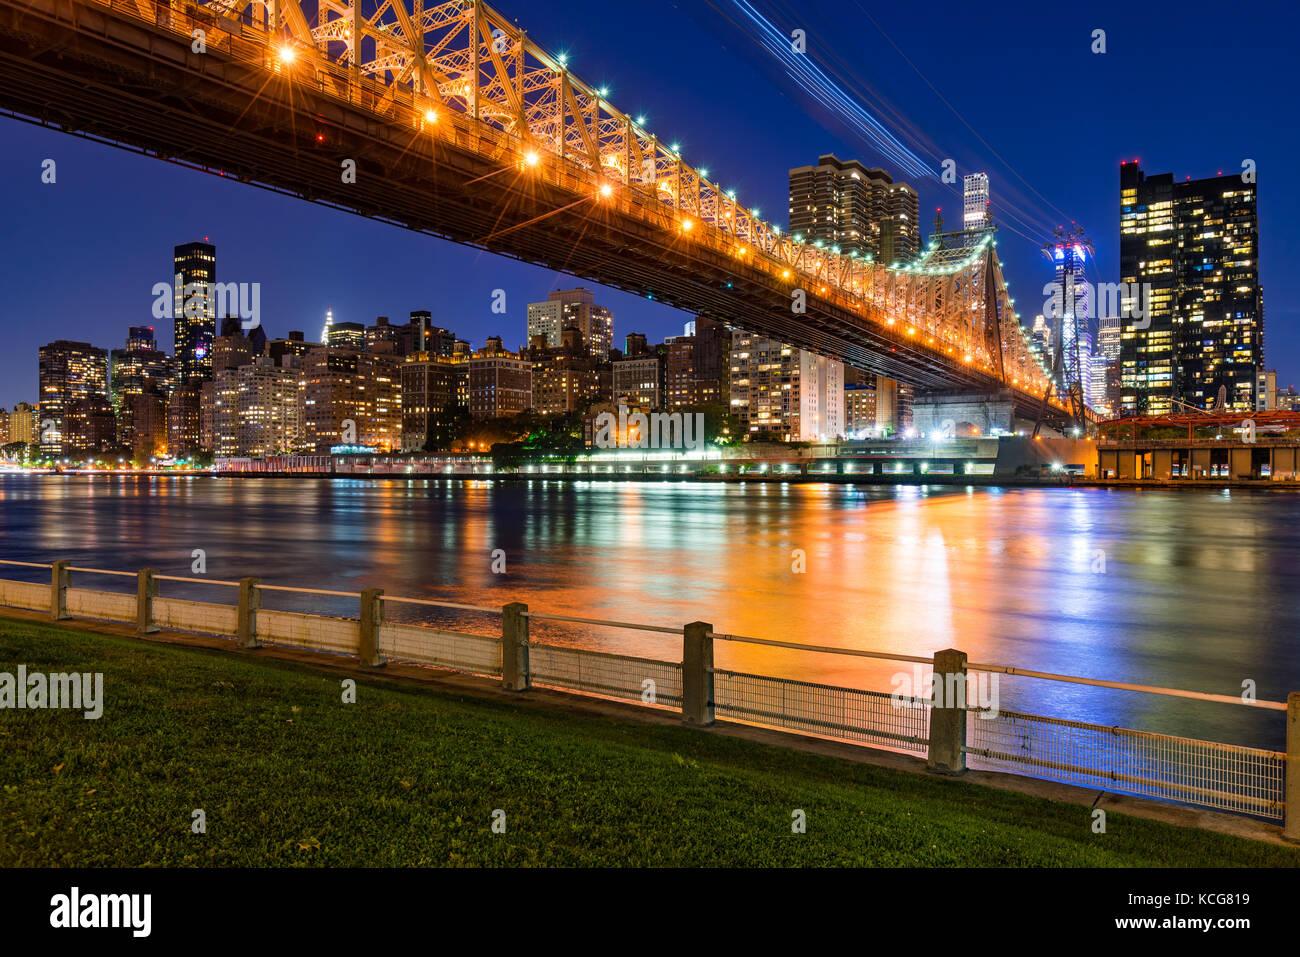 Por la noche la vista de Manhattan Midtown East desde Roosevelt Island con el Queensboro Bridge. La Ciudad de Nueva Imagen De Stock